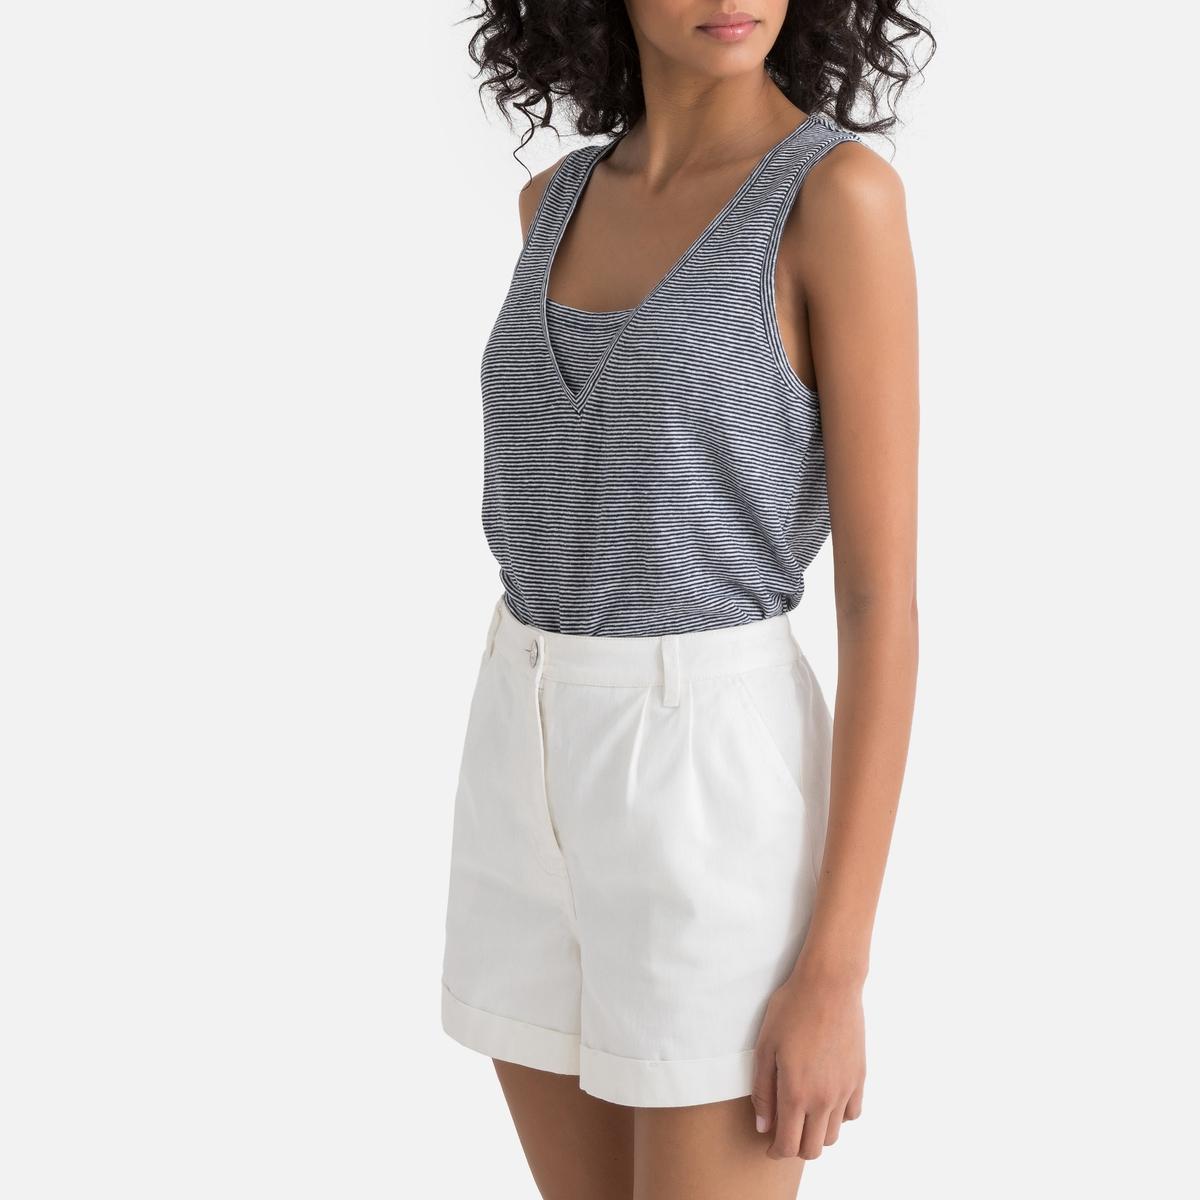 Camiseta sin mangas de rayas finas 100% lino